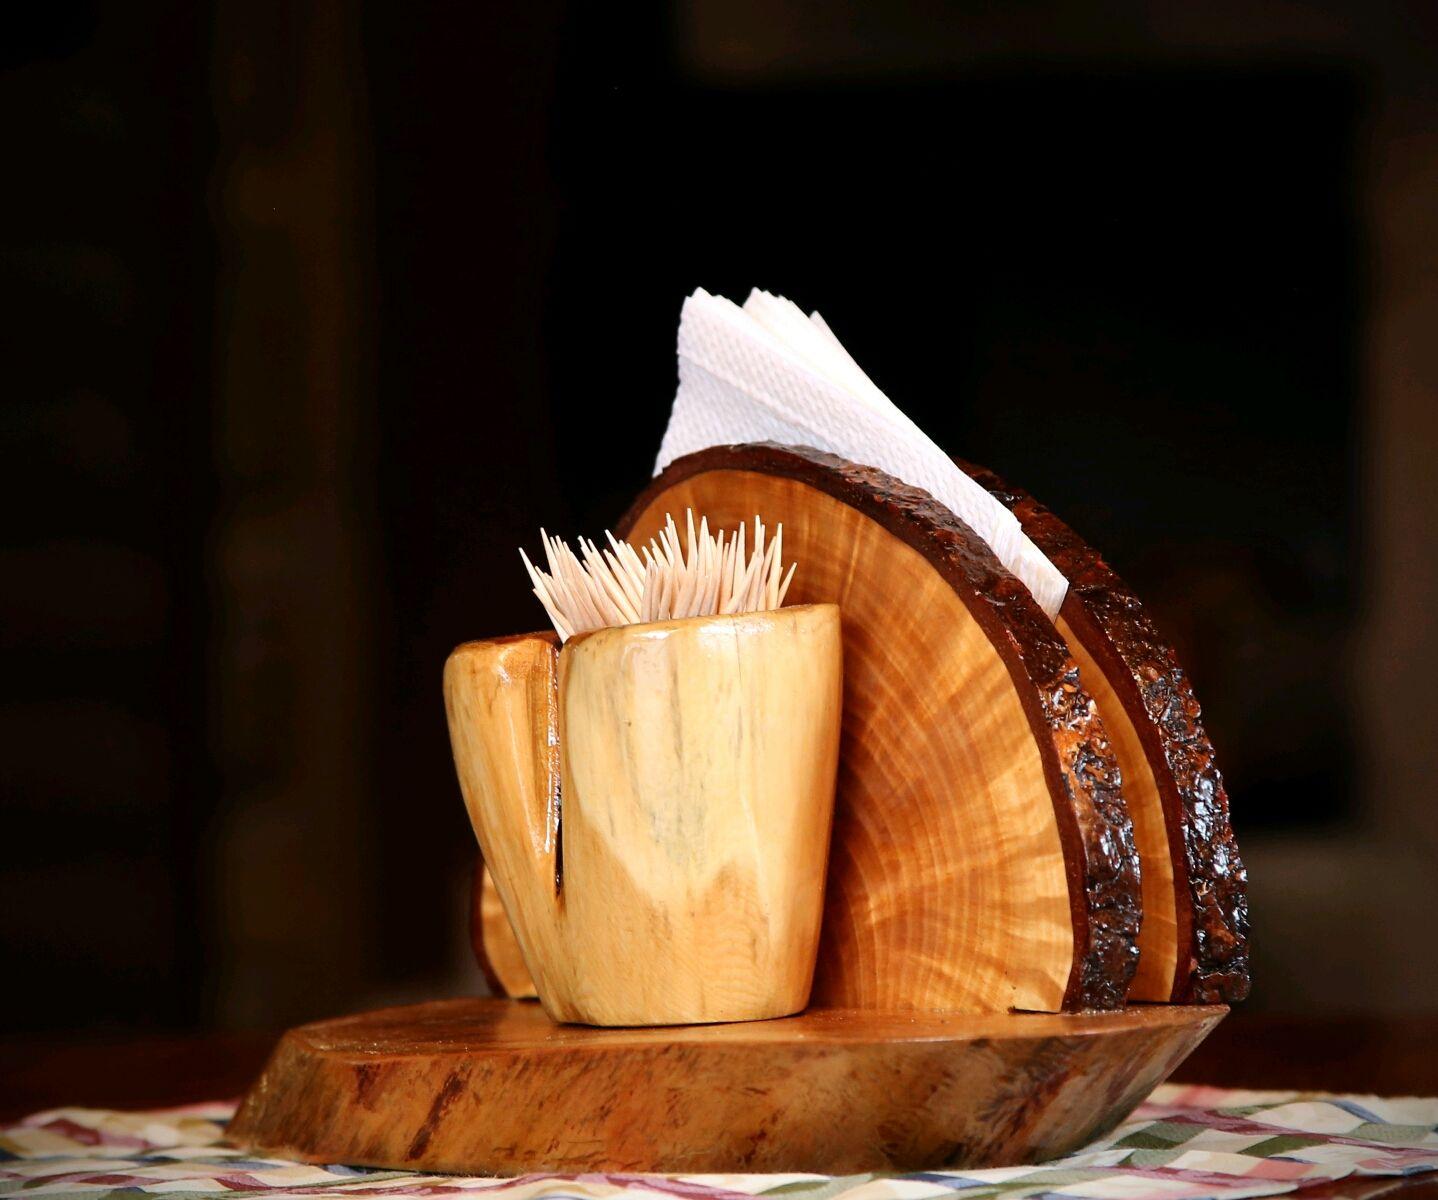 Картинки деревянных салфетниц